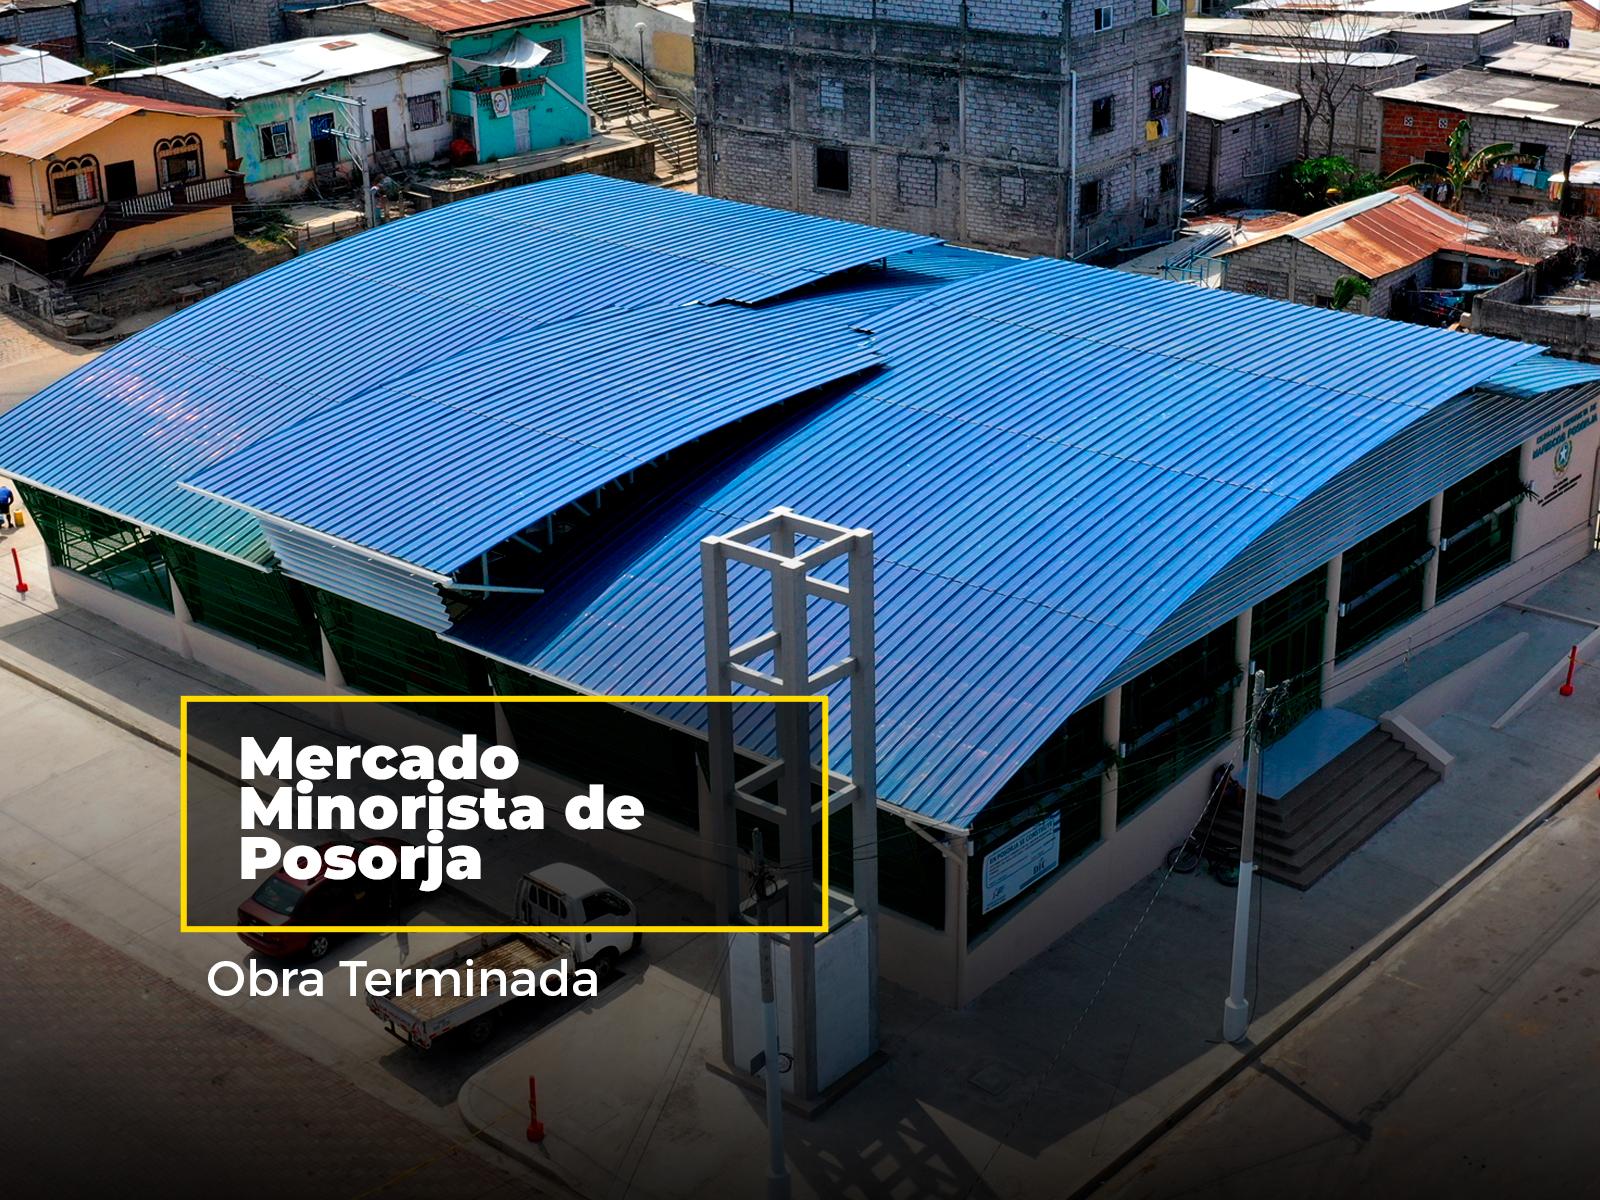 Mercado Minorista de Posorja